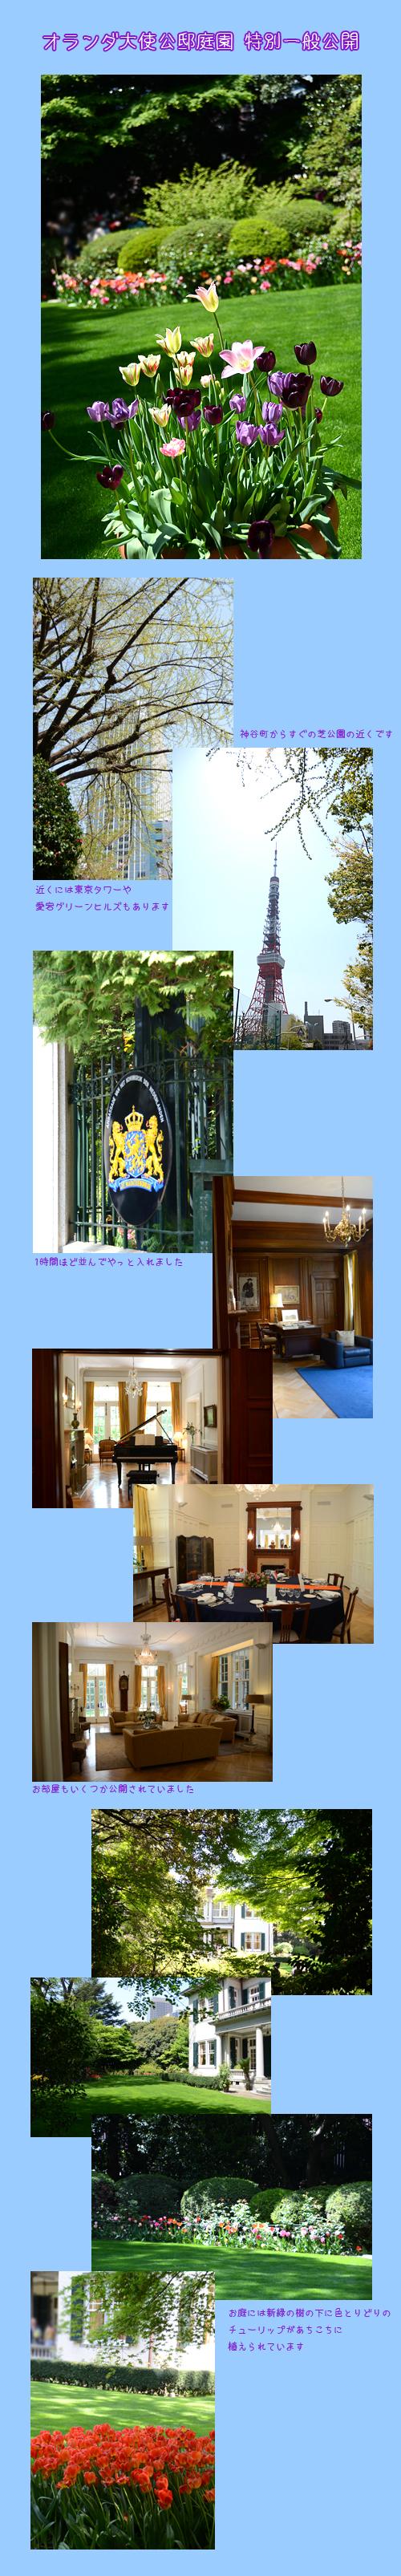 4月13日オランダ大使館